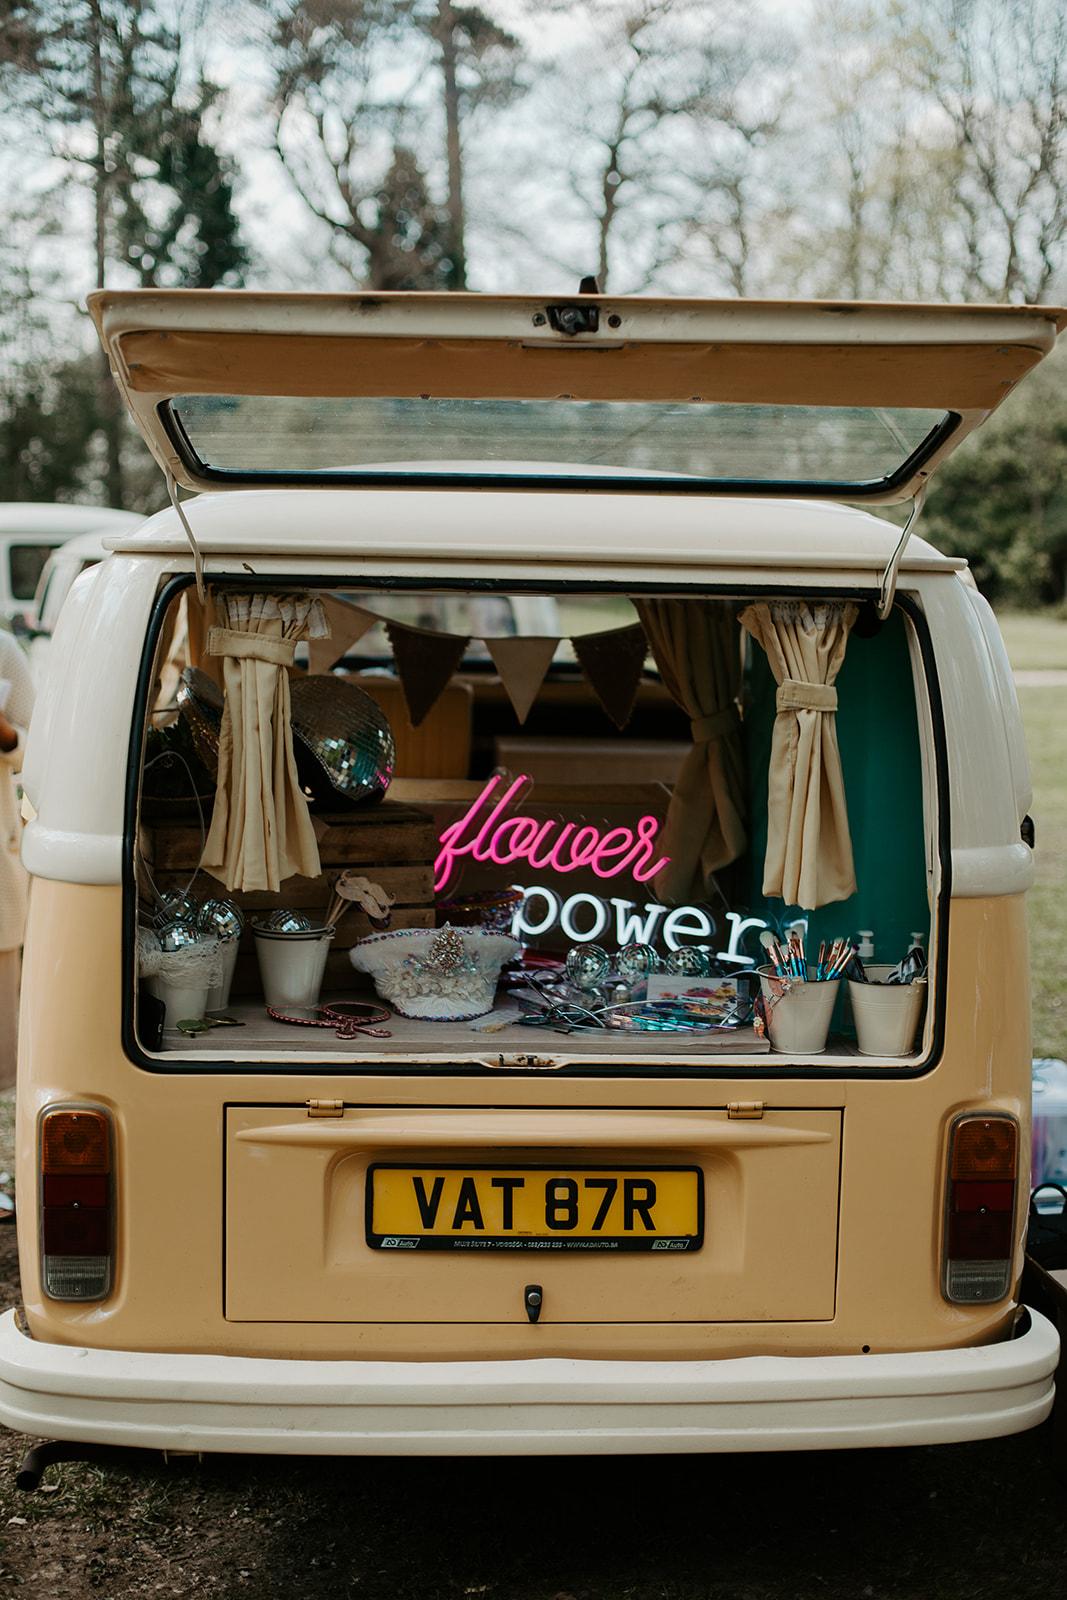 drive in wedding - camper van wedding - camper van photo booth - unique wedding photo booth - wedding glitter bar